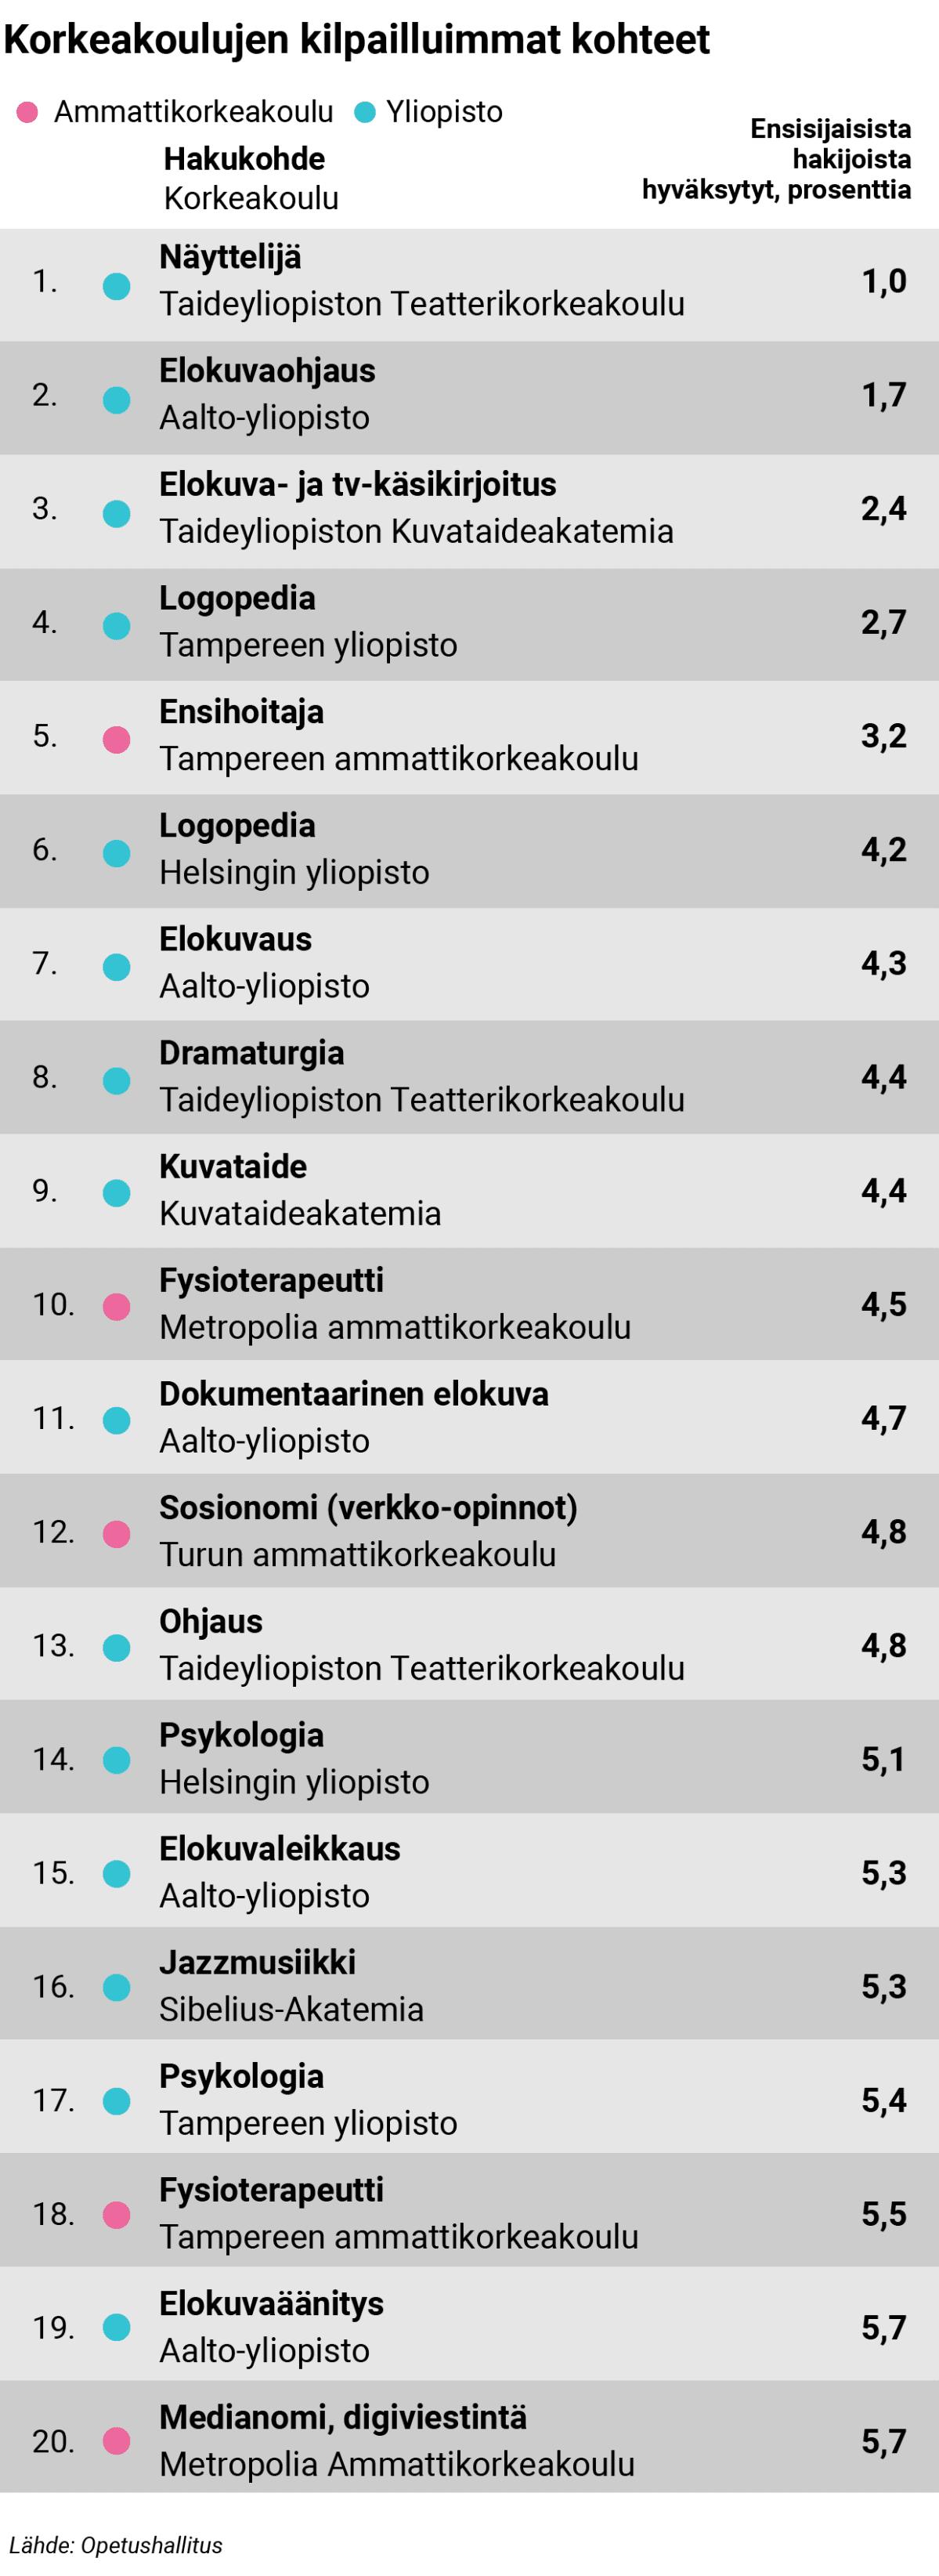 Roope Salminen avautui epäonnistumisestaan pääsykokeissa - Paula Vesalalta ei herunut ymmärrystä